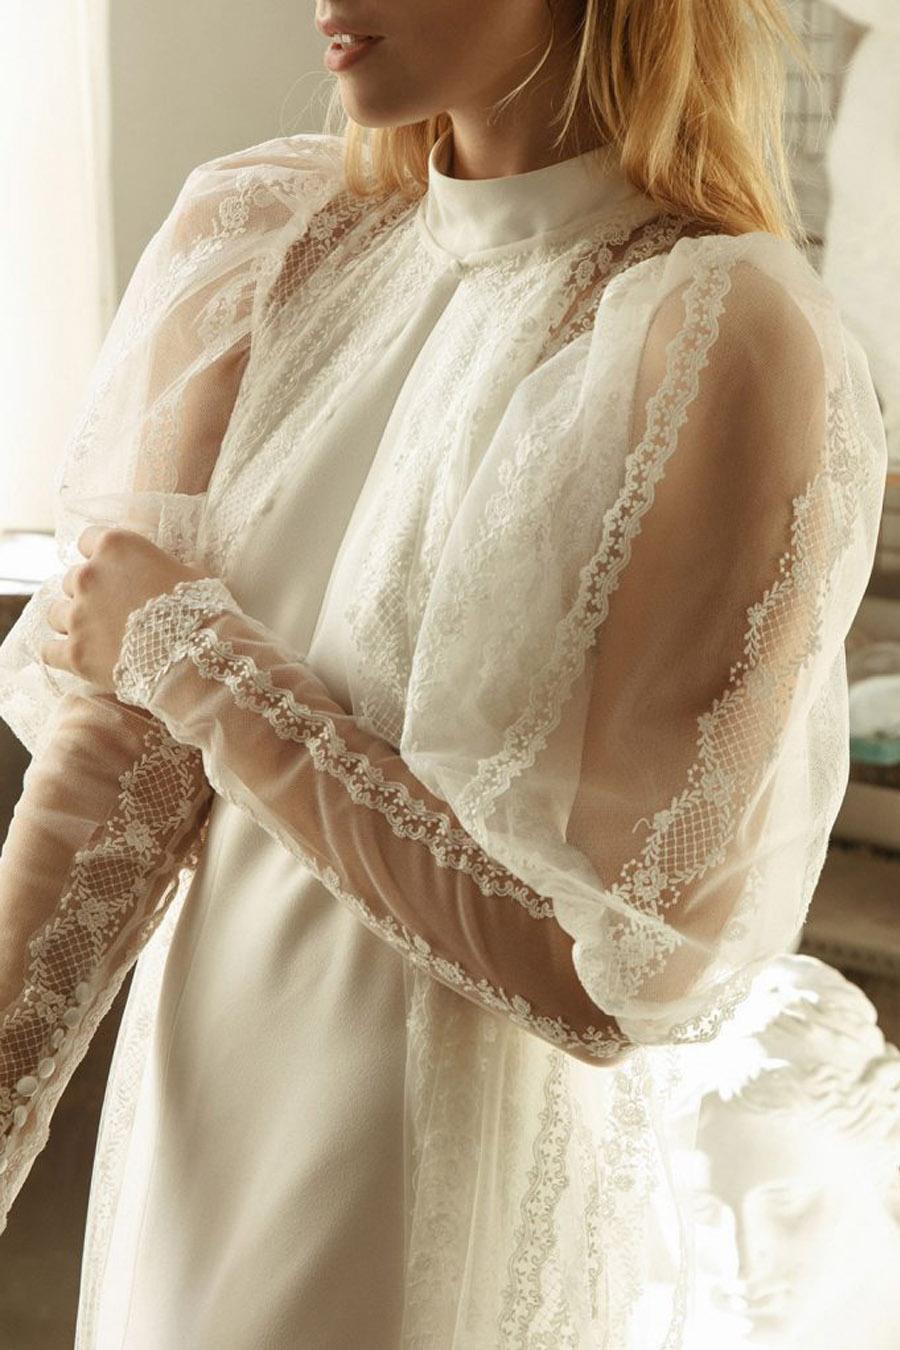 GALATEA, NUEVA COLECCIÓN BRIDAL 2020 DE ZE GARCÍA bridal-ze-garcia